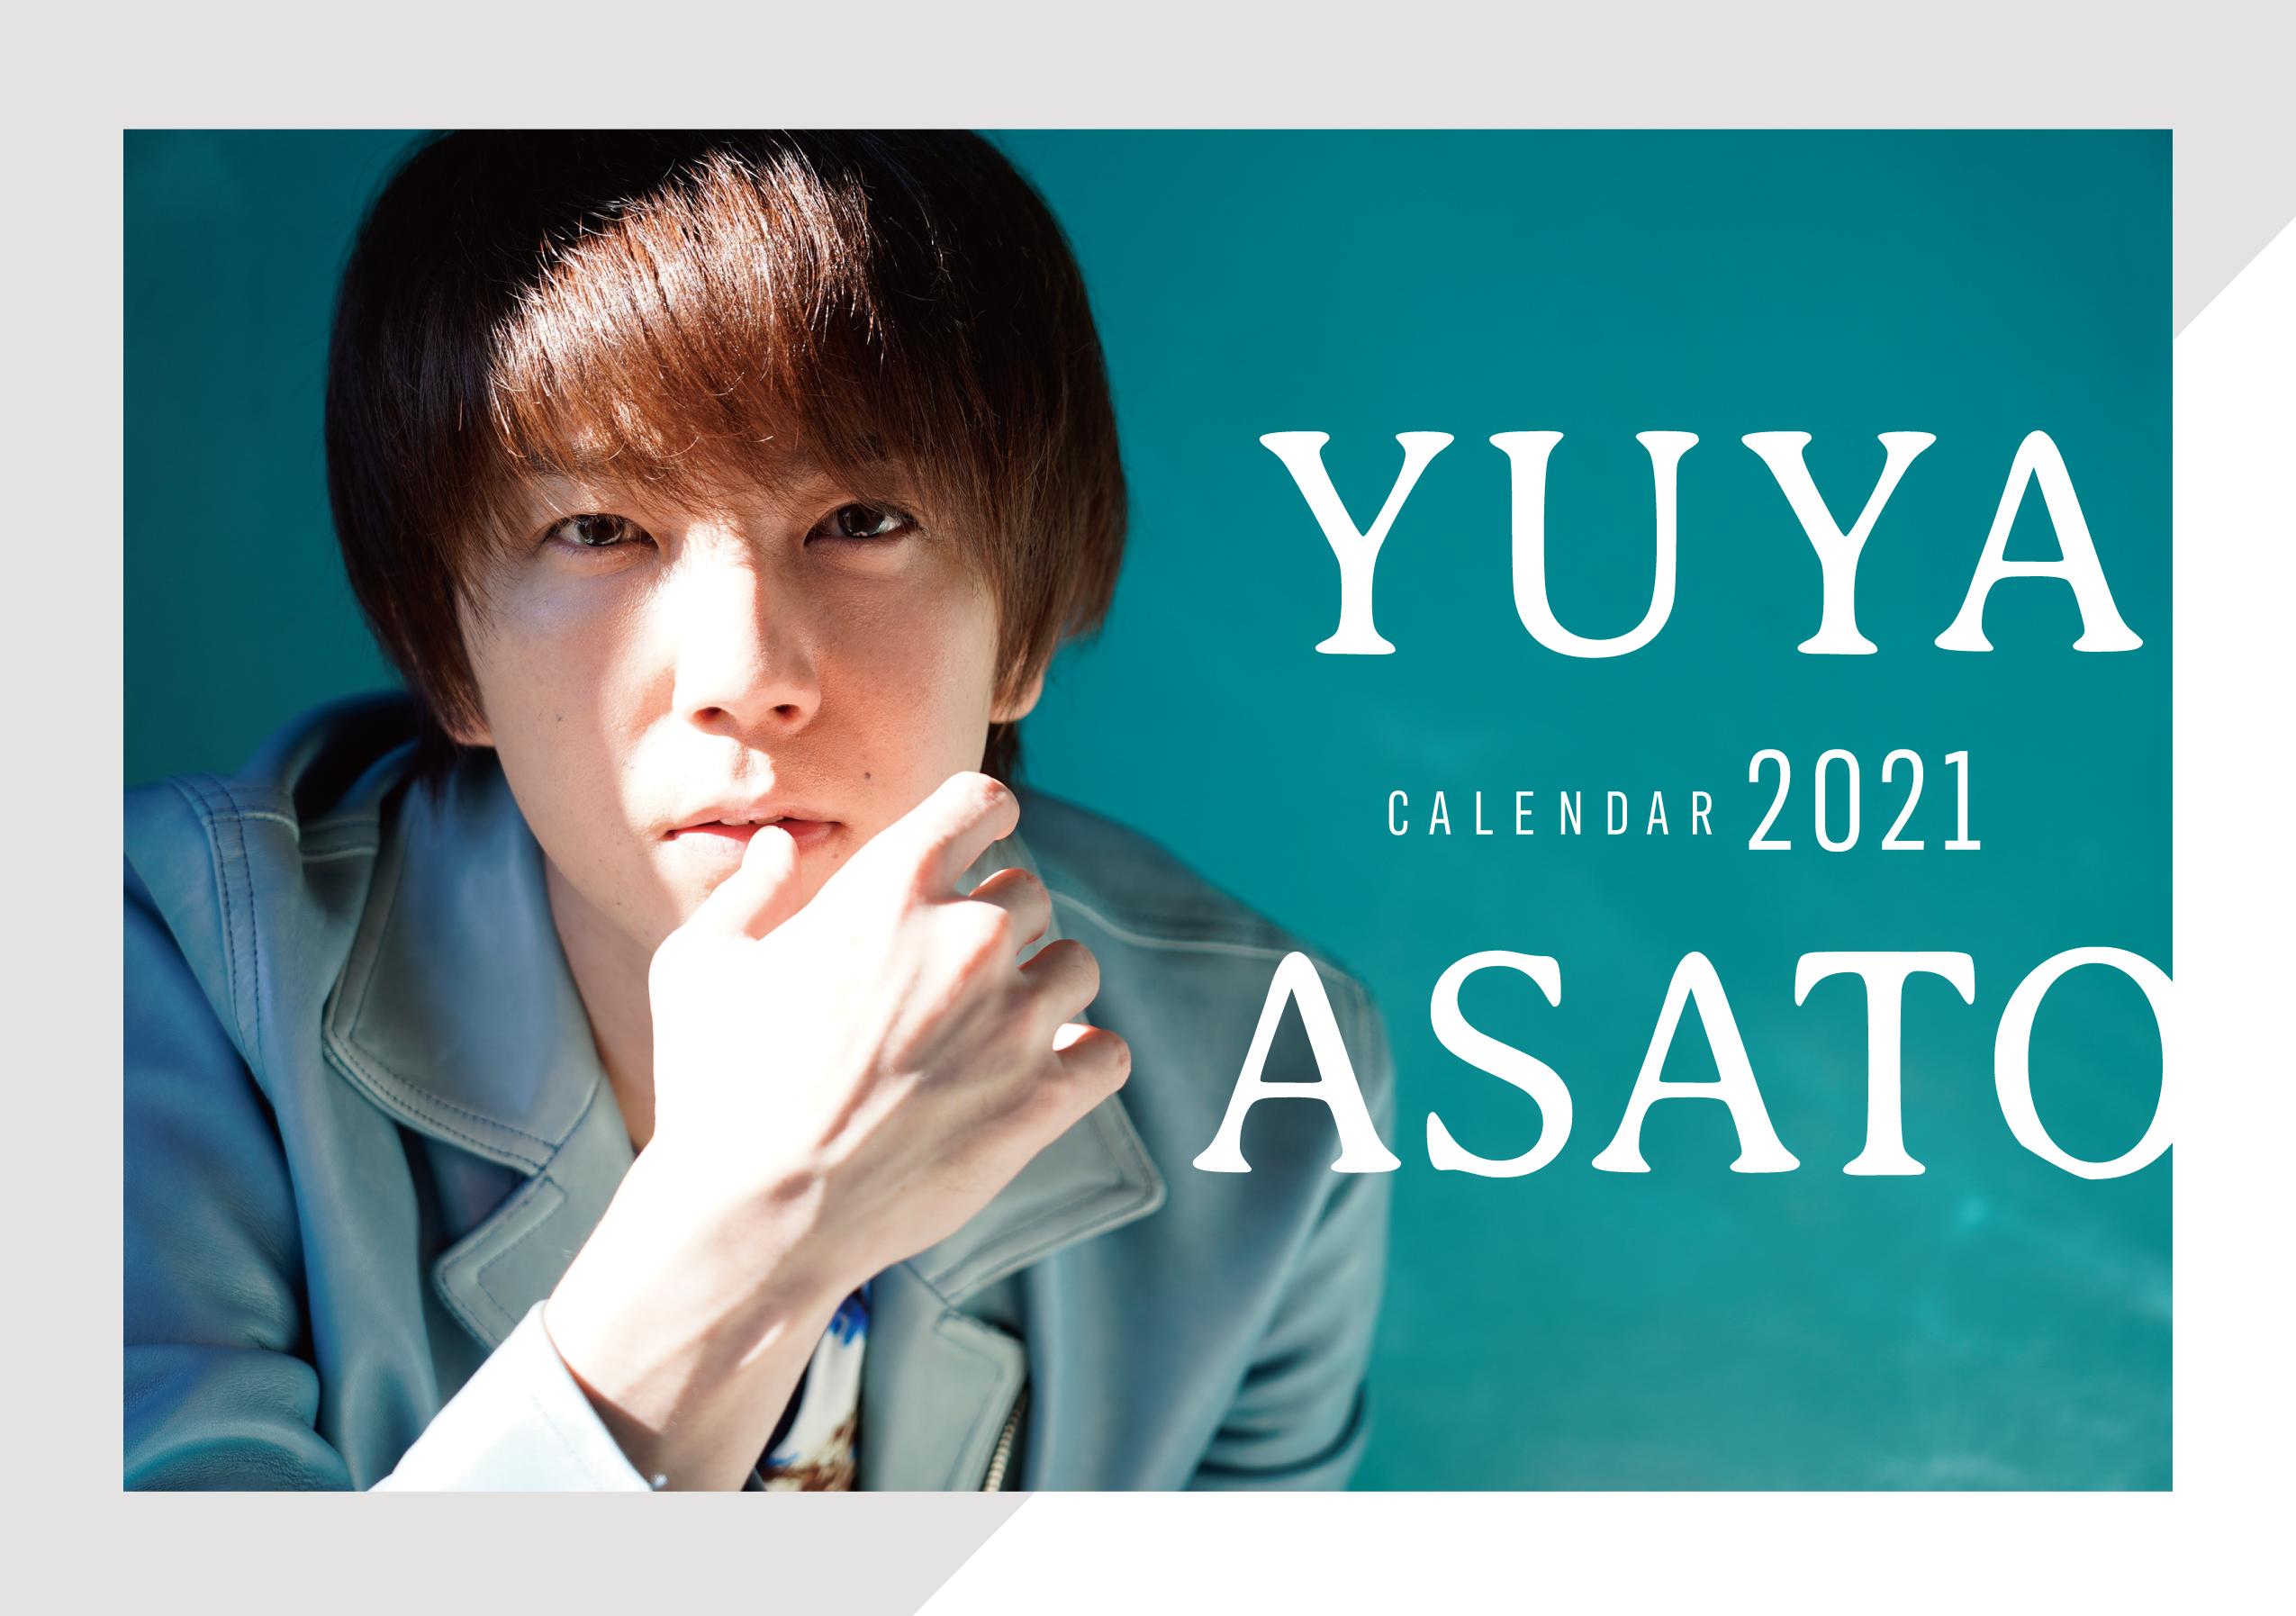 安里勇哉2021年カレンダー(卓上リング)画像